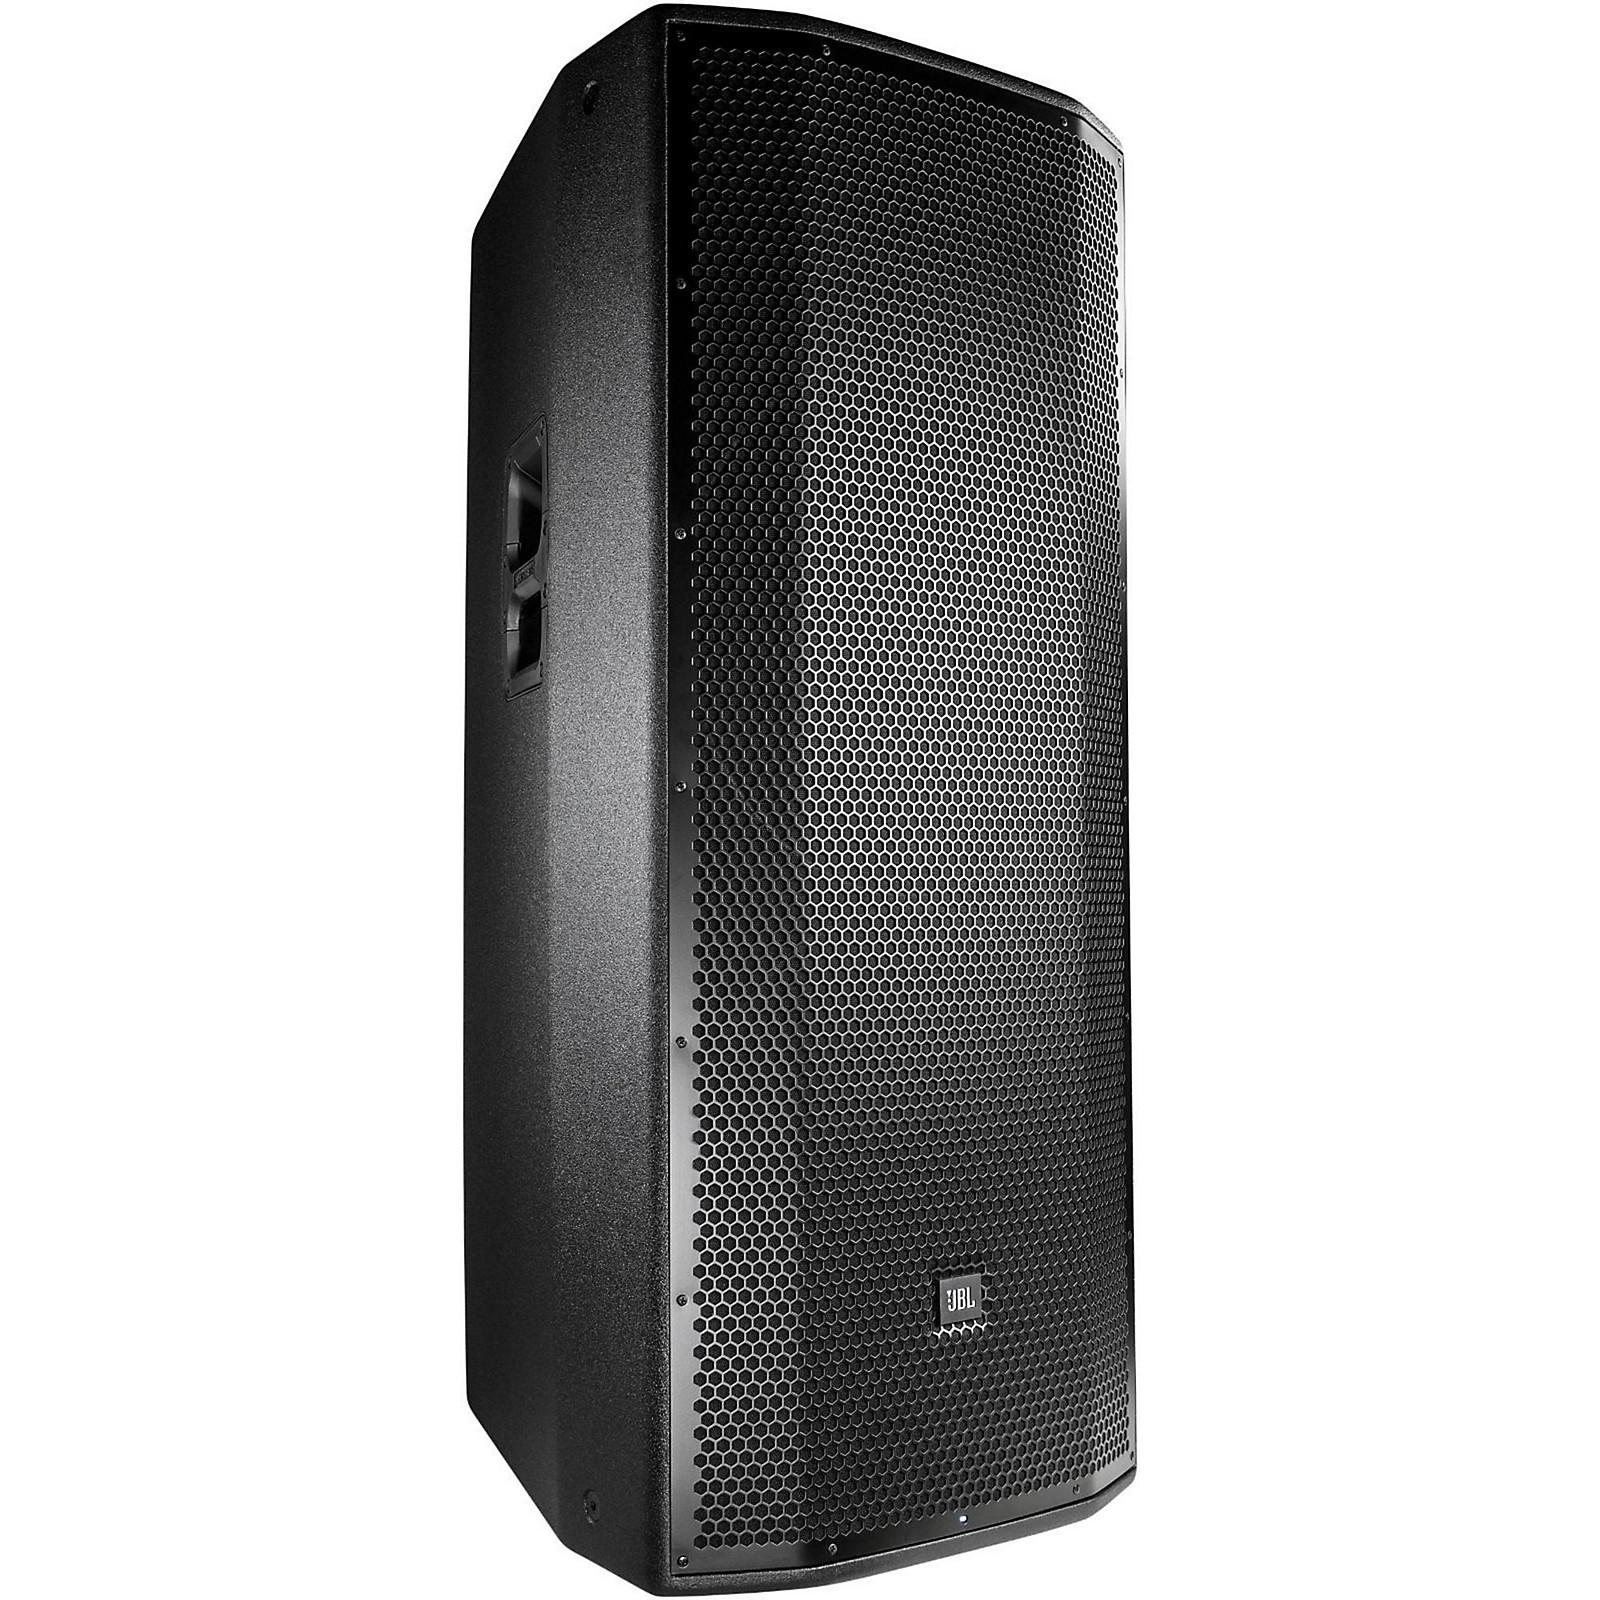 JBL PRX825W Powered Dual 15